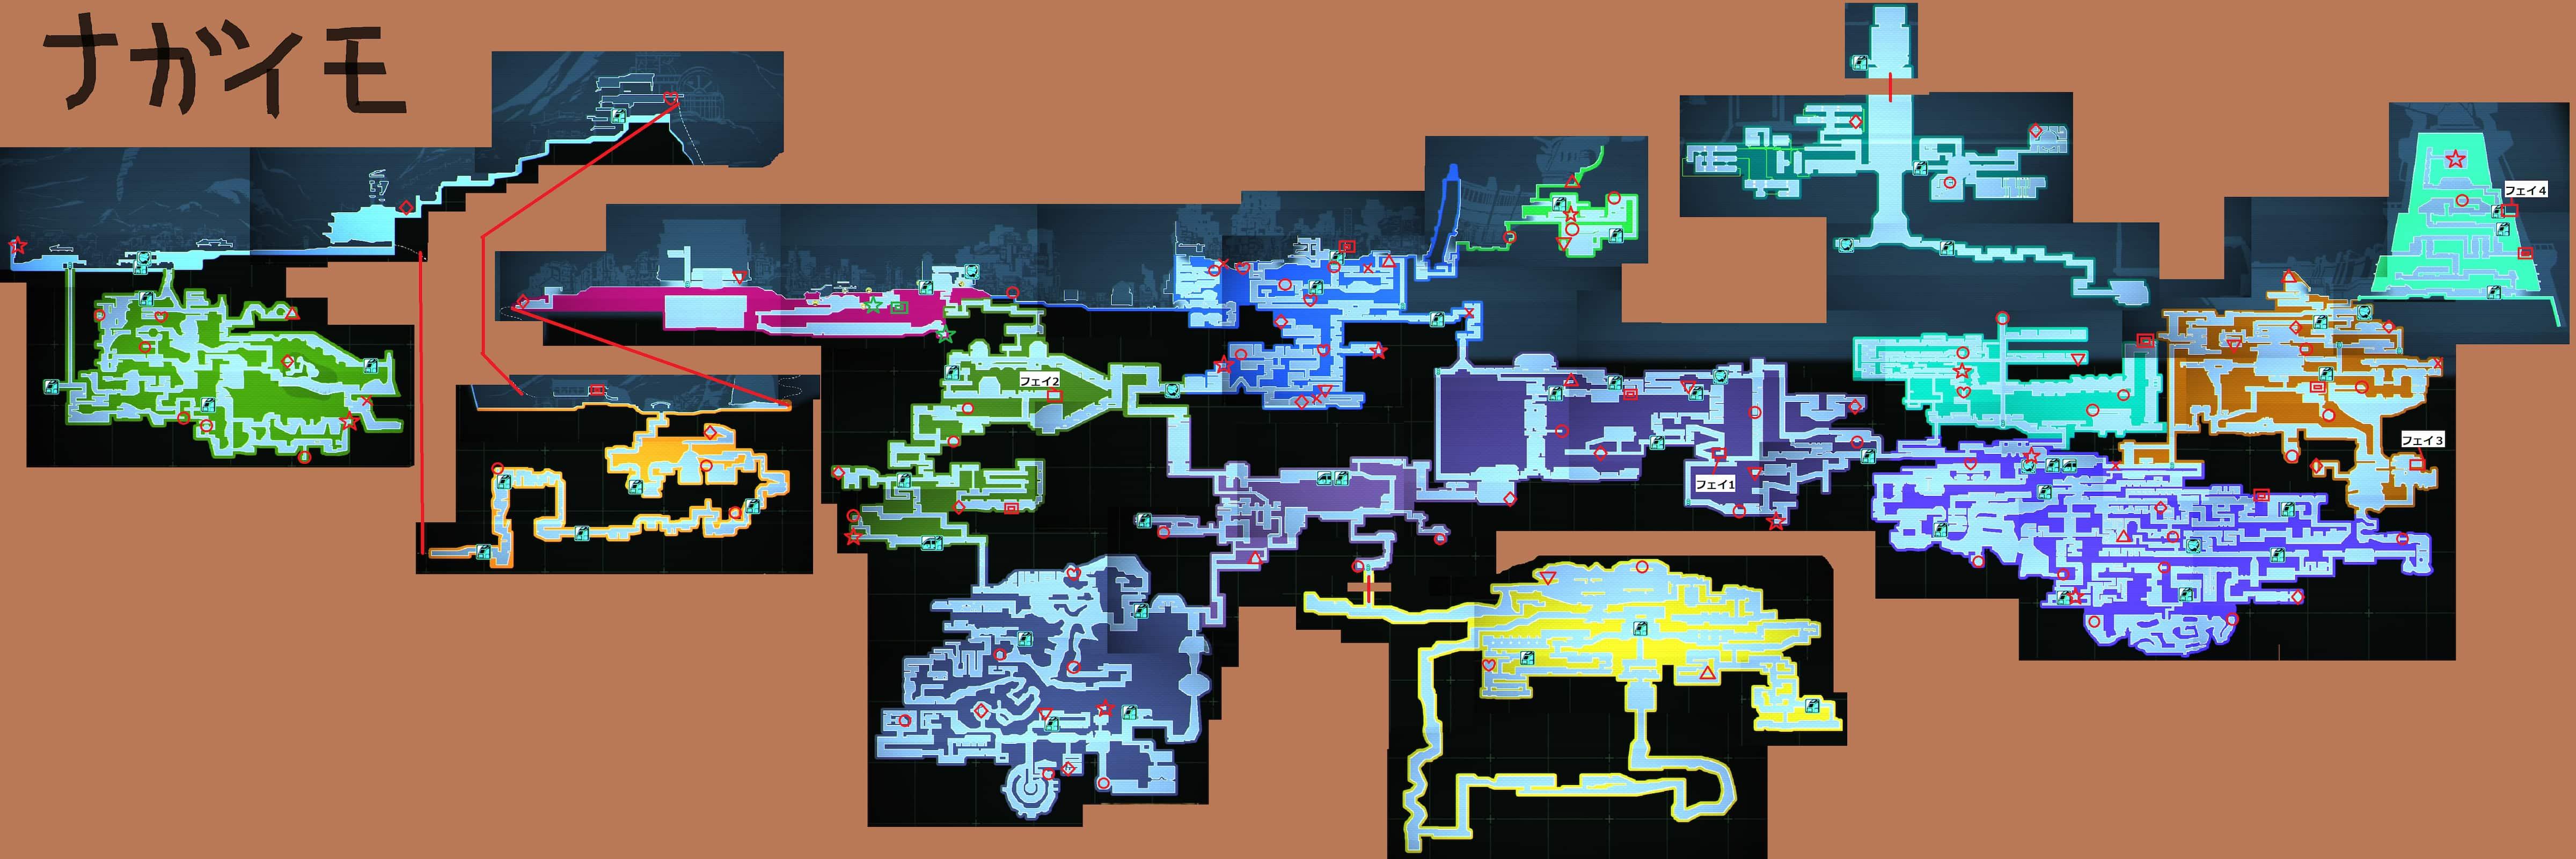 【フィスト 紅蓮城の闇】攻略wiki用アイテム付き全体マップ画像